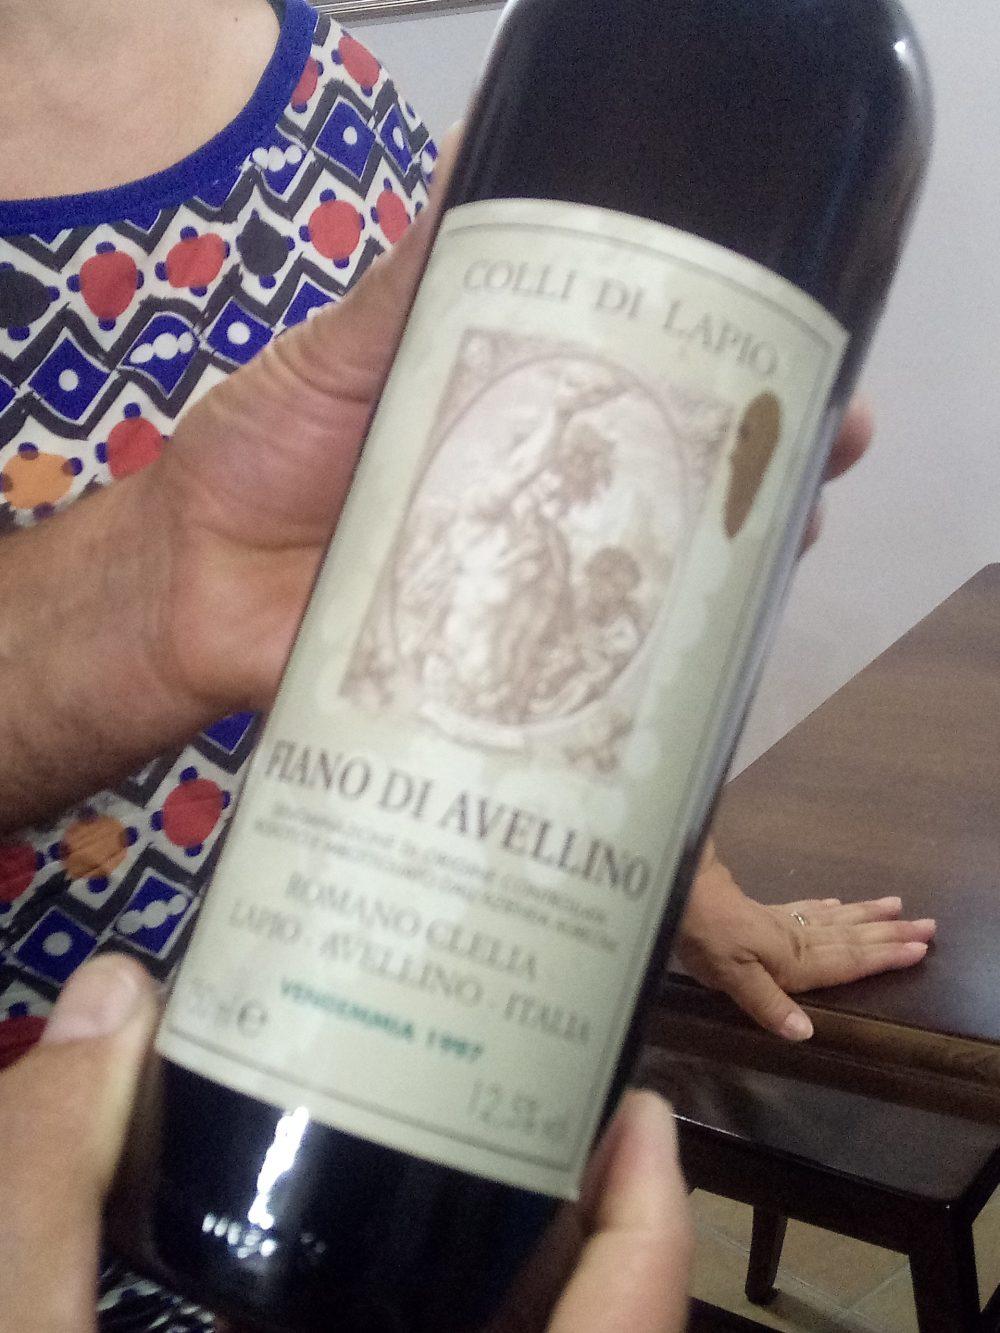 Fiano di Avellino 1997 di Colli di Lapio